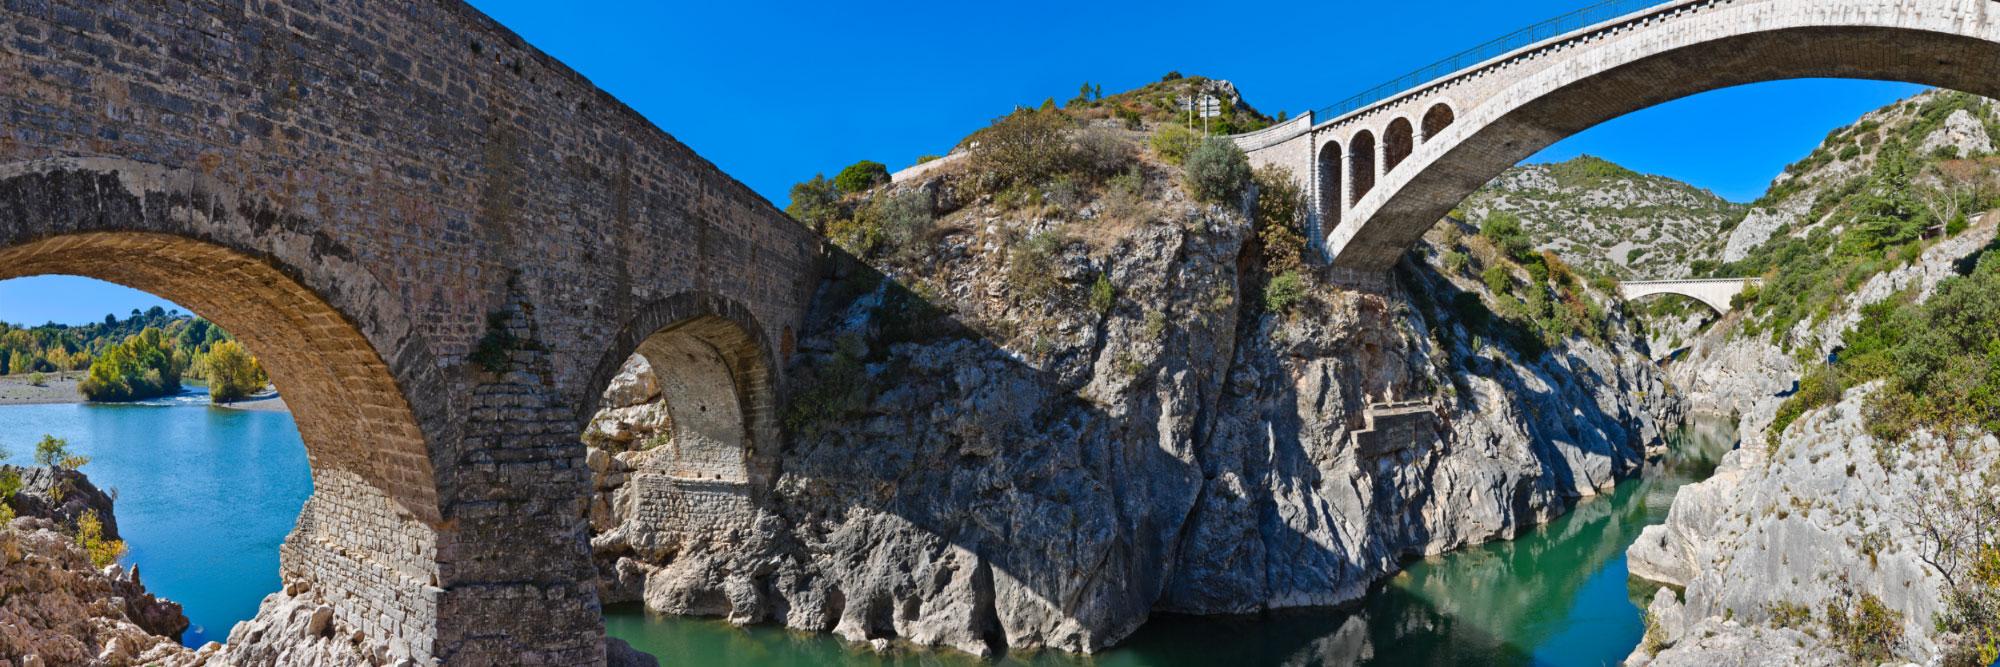 Pont du Diable, Saint-Jean-de-Fos